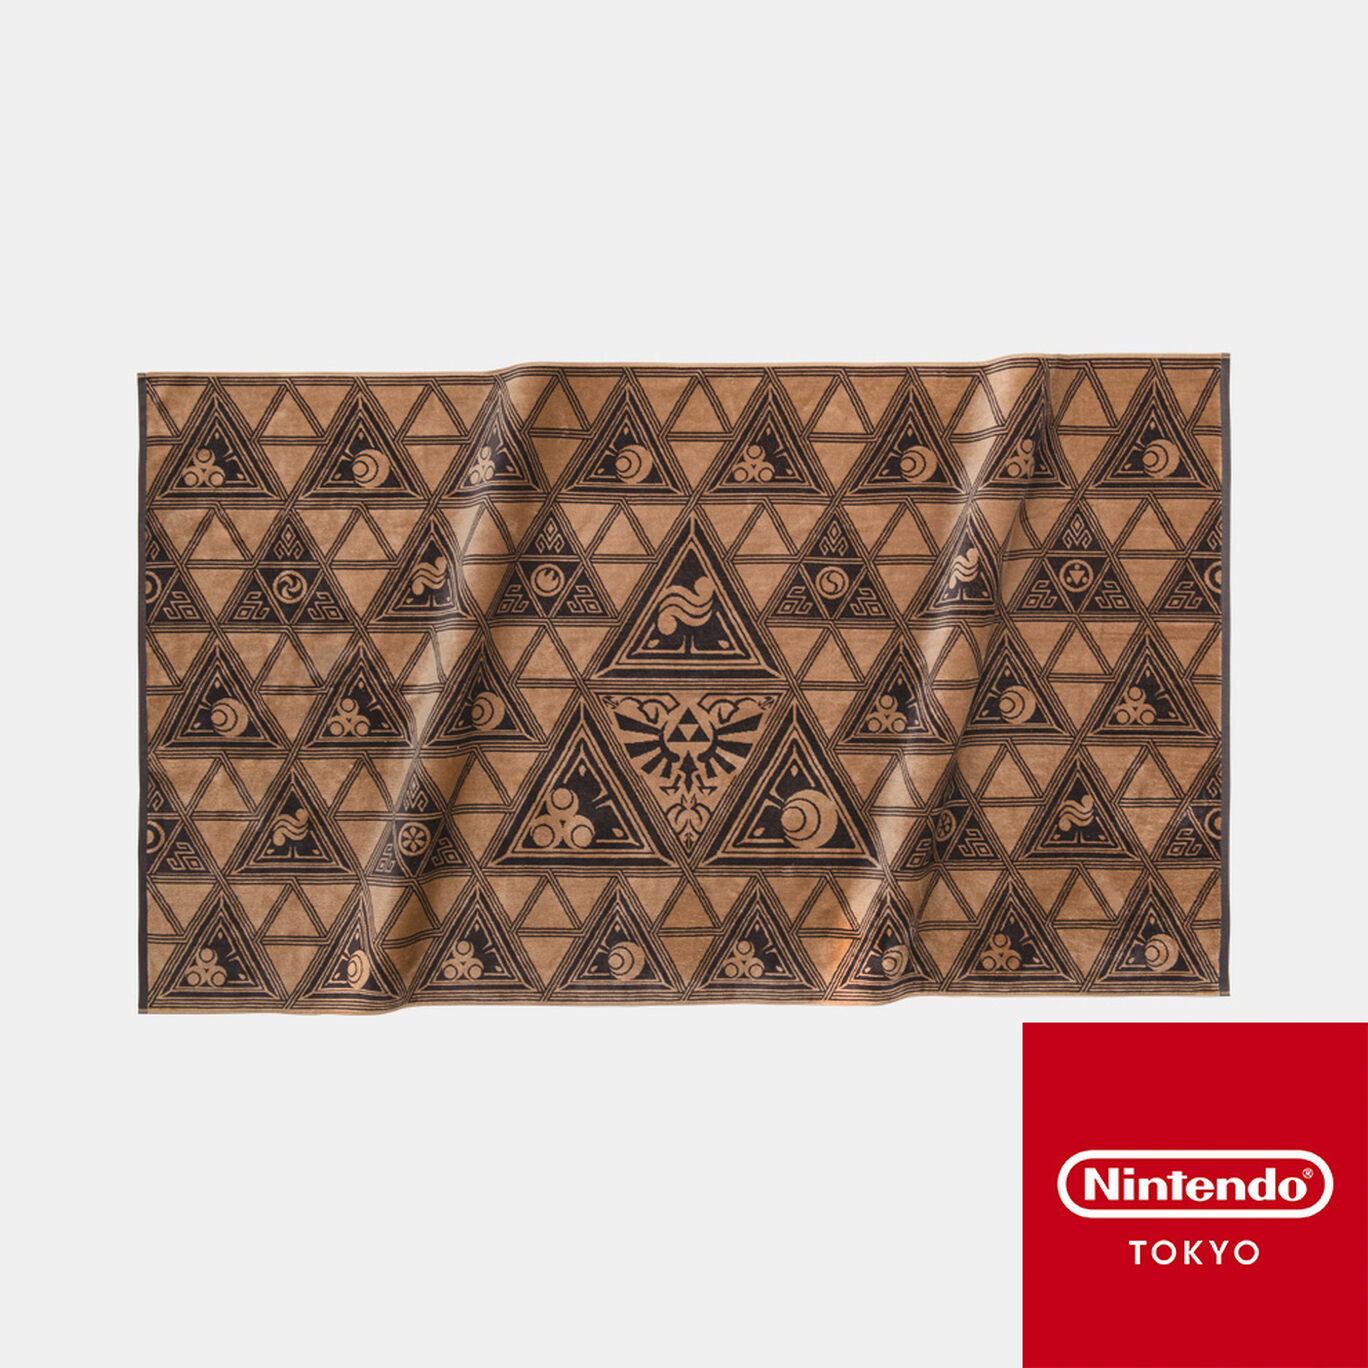 ブランケット ゼルダの伝説【Nintendo TOKYO取り扱い商品】